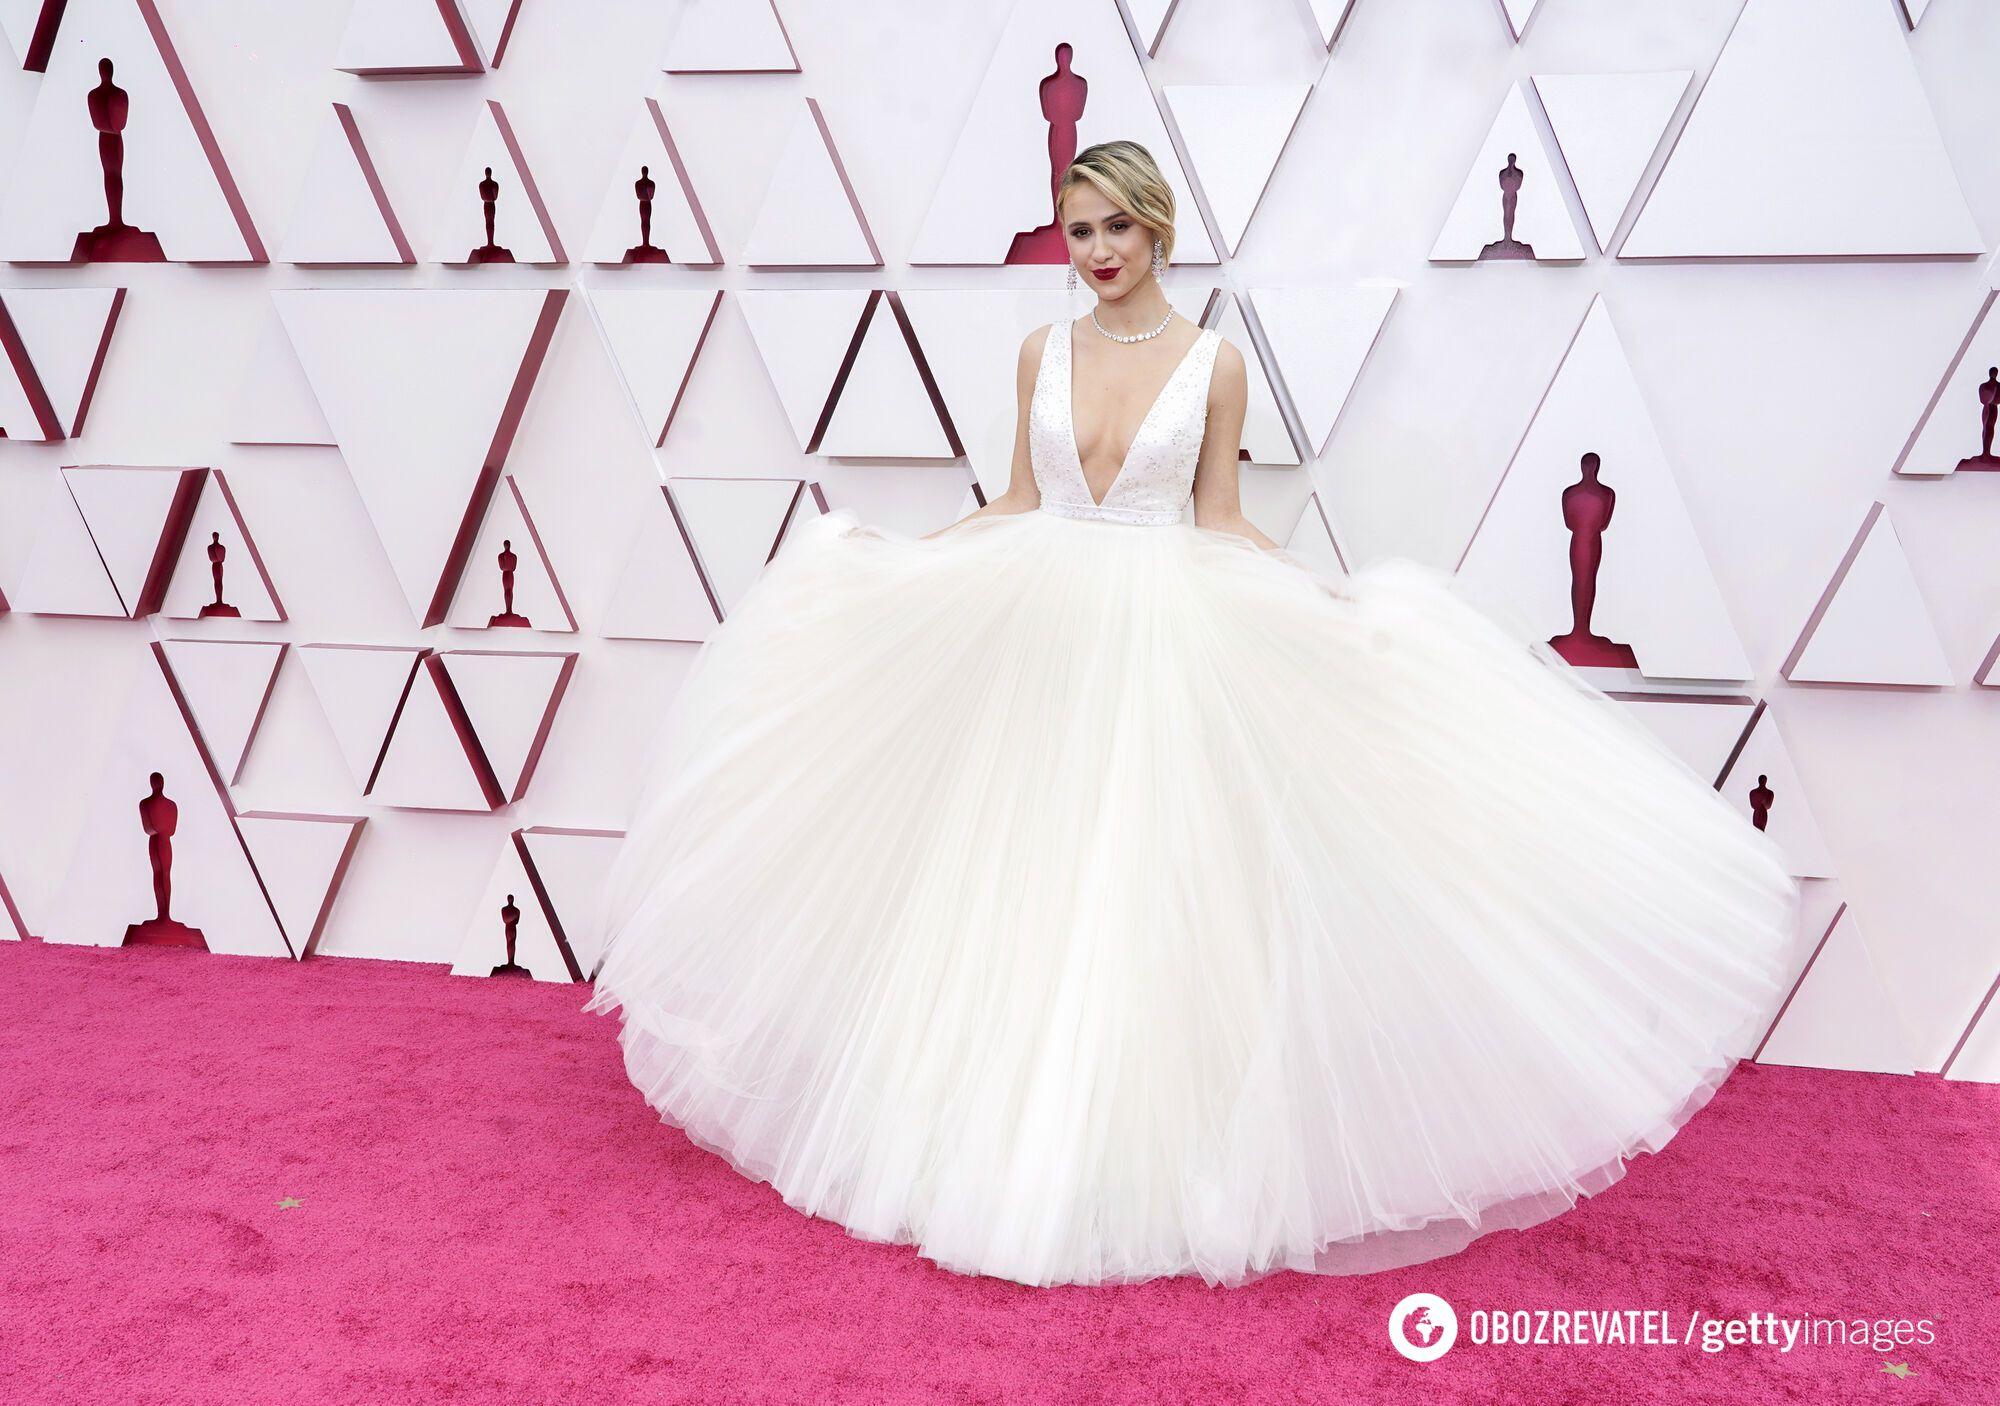 Мария Бакалова также выбрала для красной дорожки длинное пышное платье белого цвета